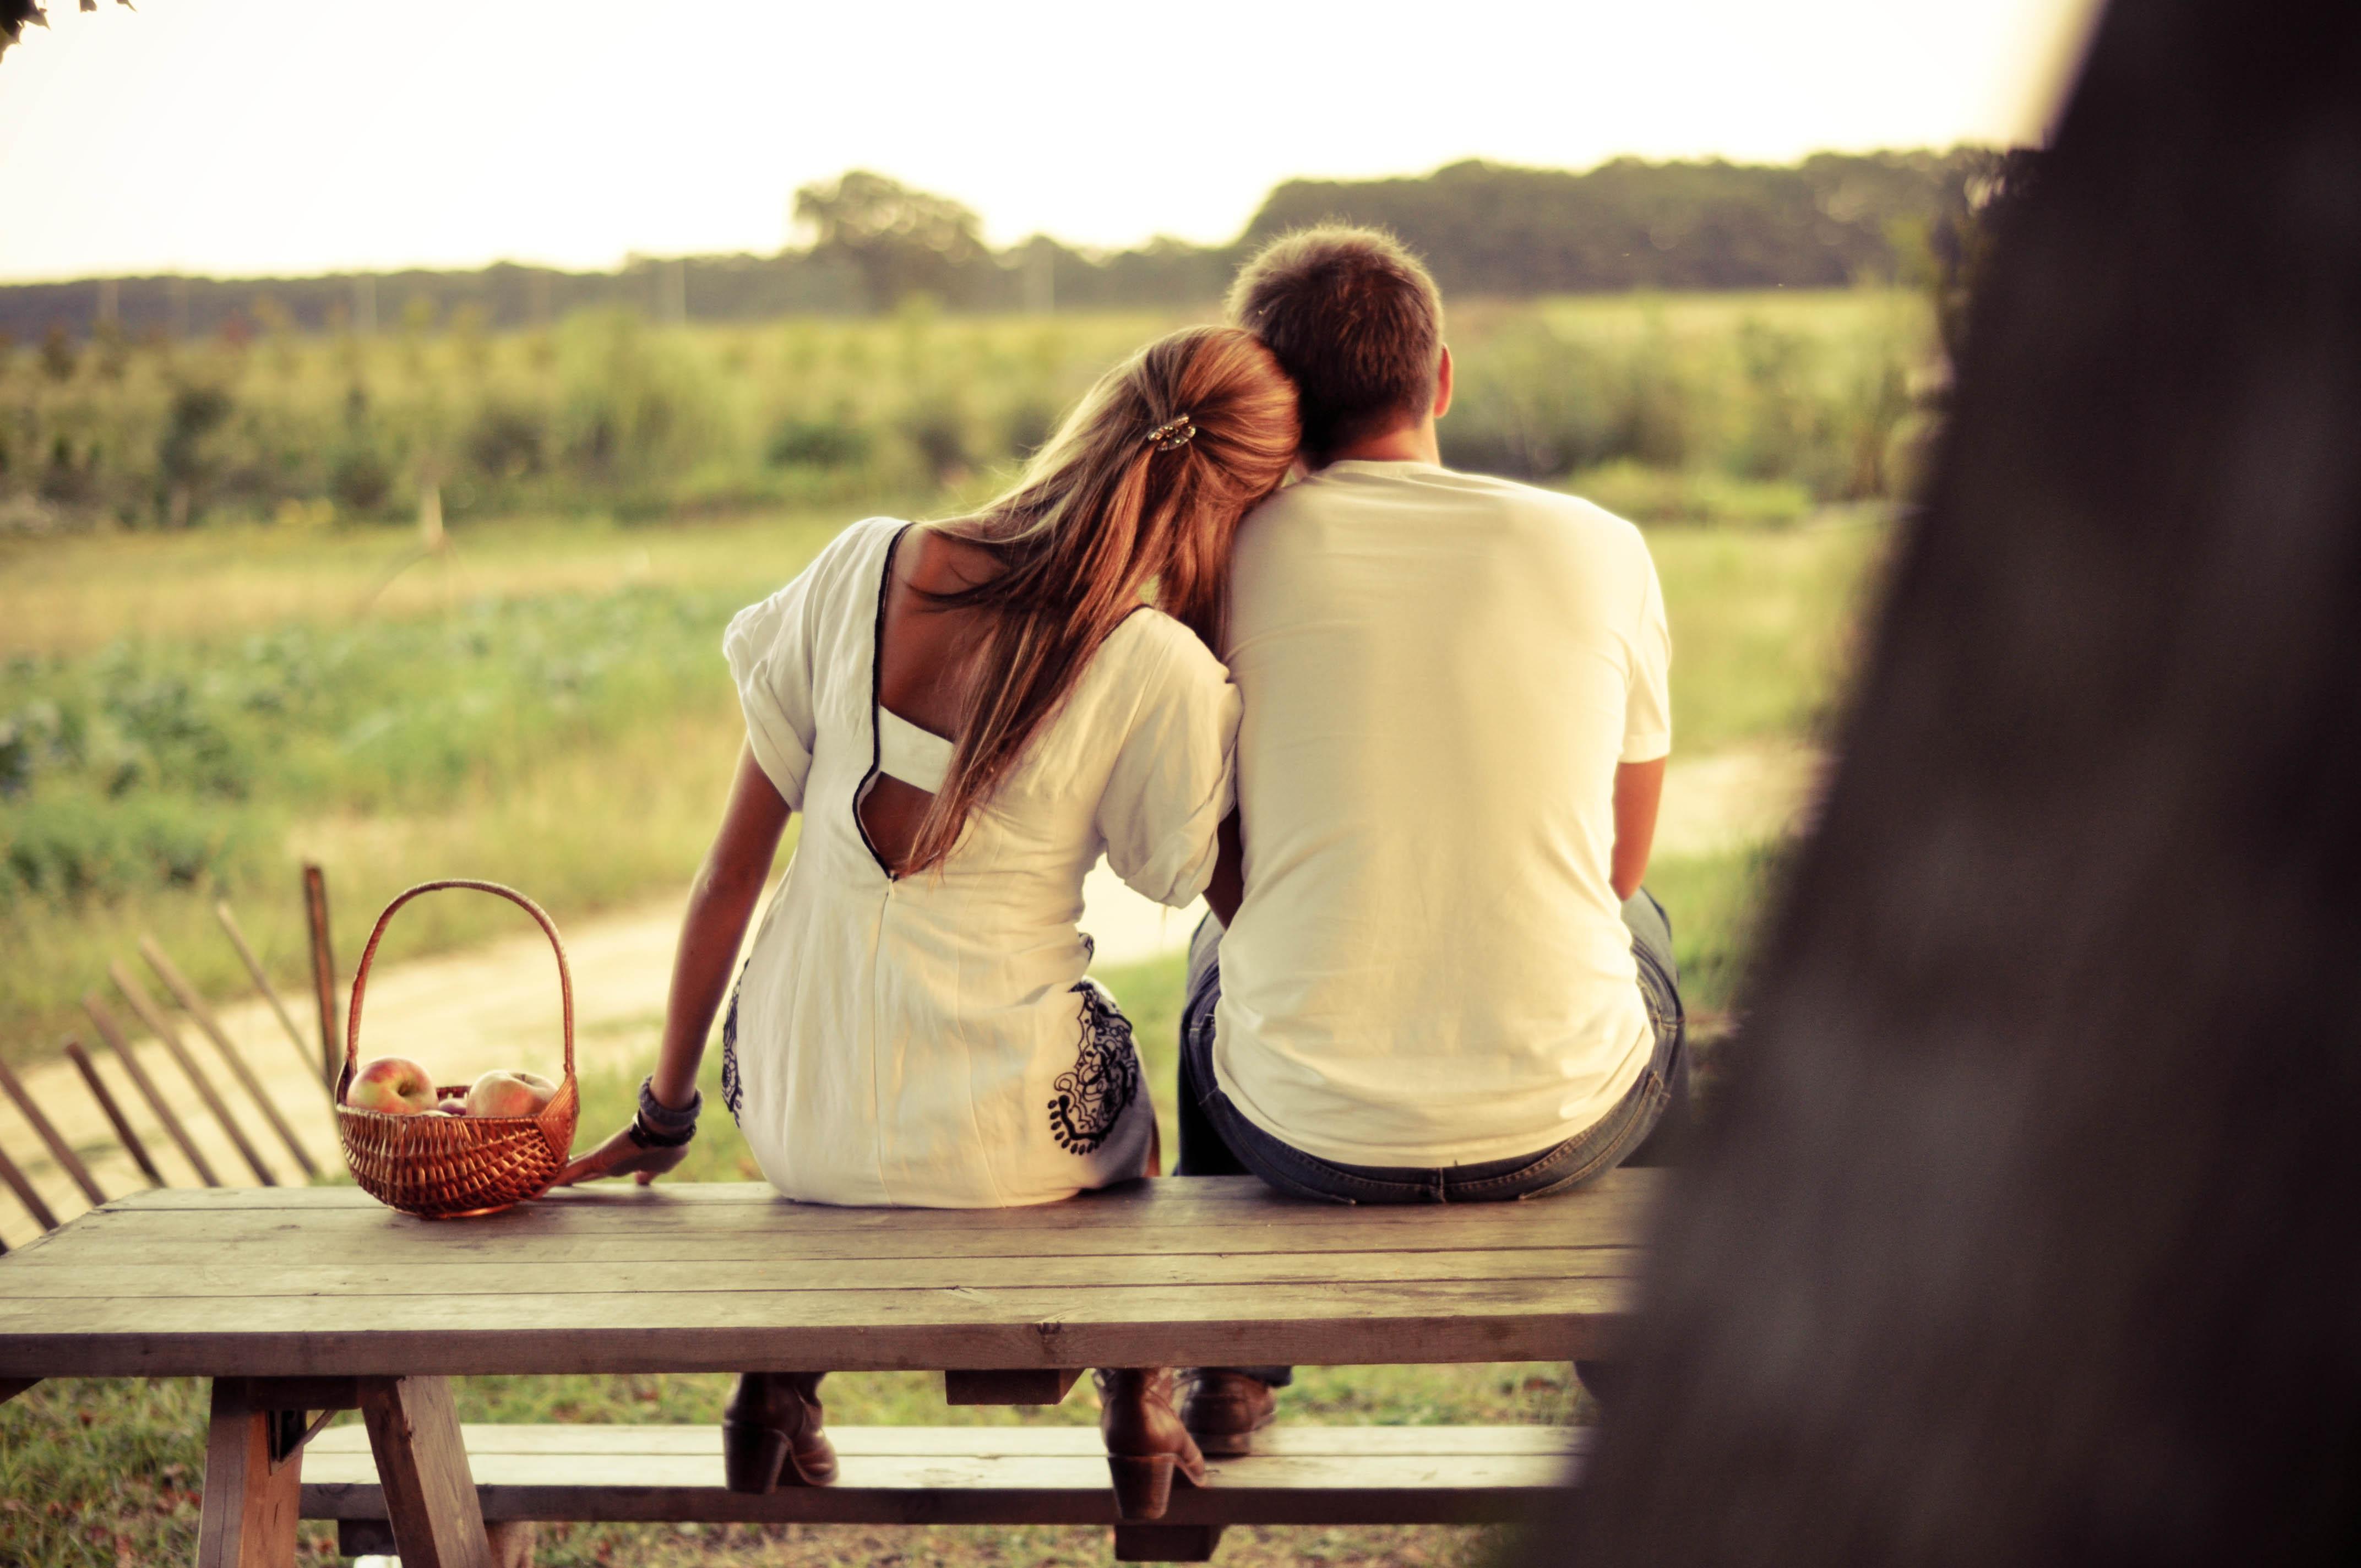 8 dấu hiệu cho thấy bạn đang có một tình yêu đích thực, cần trân trọng, giữ gìn - Ảnh 3